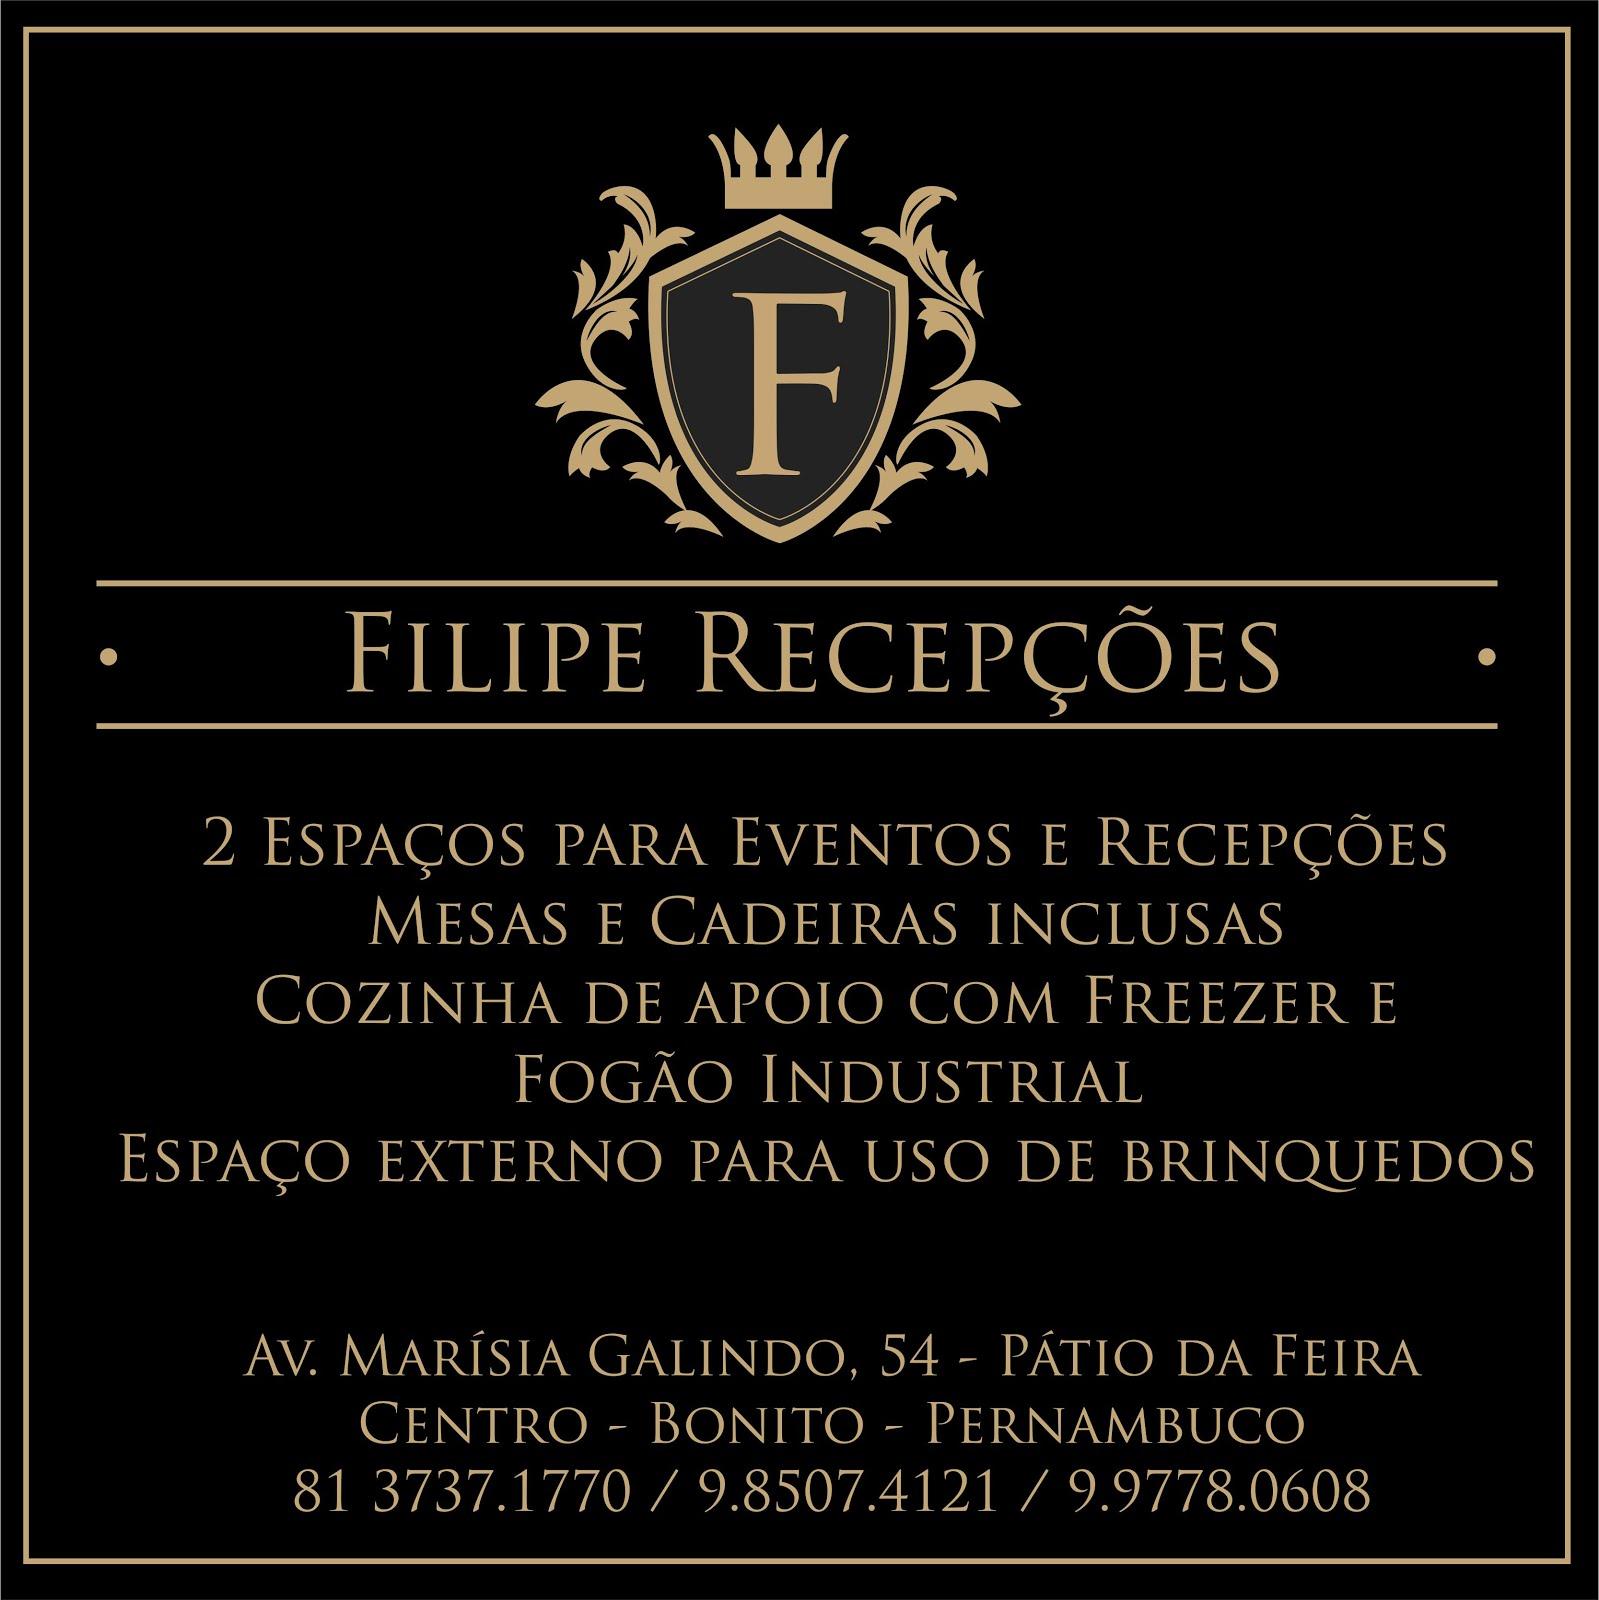 Filipe Recepções